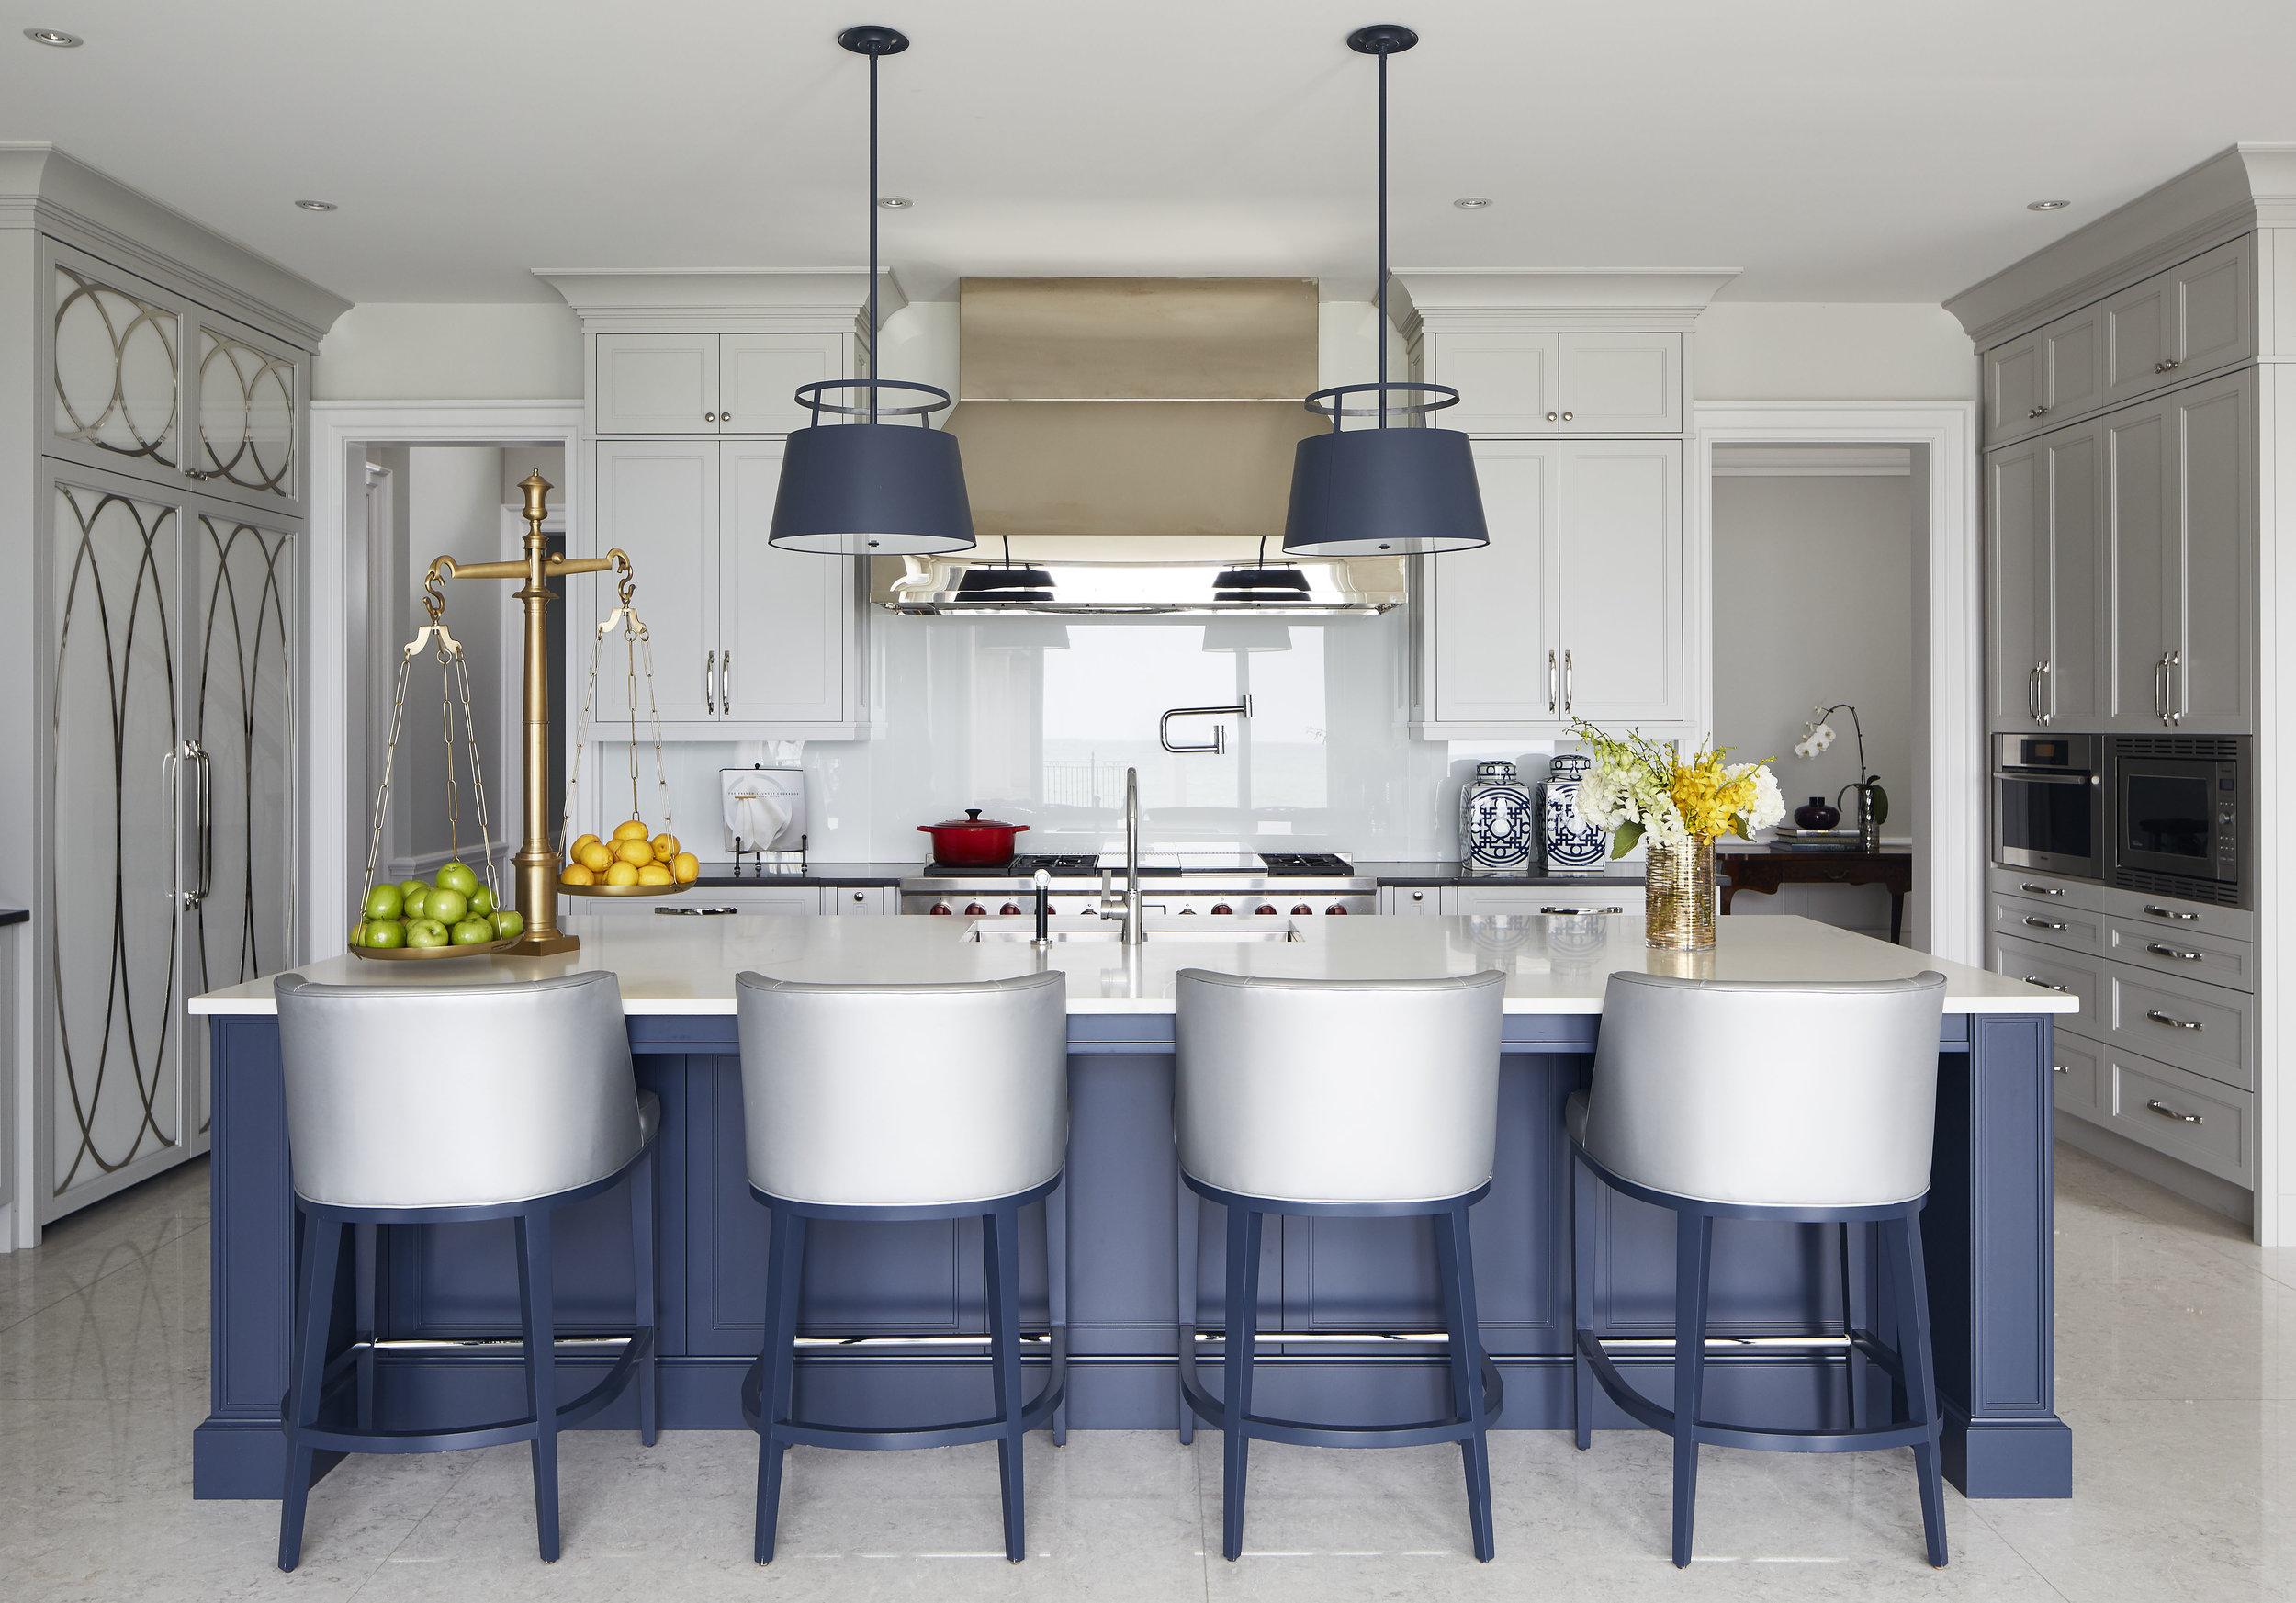 Lake View Home Kitchen